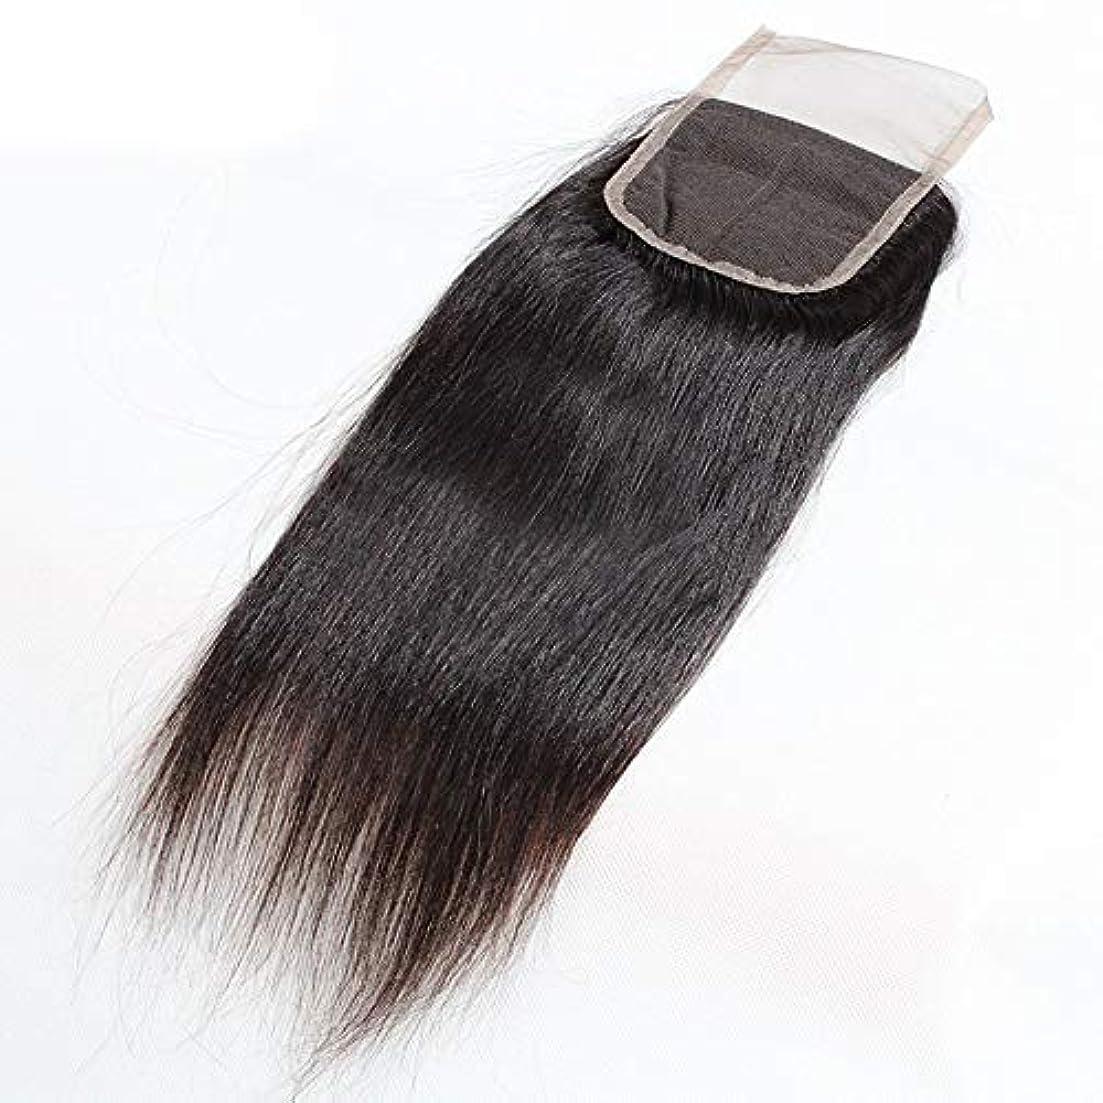 成長するプレゼンピックWASAIO 閉鎖ボディブラジルでヒト織りストレート髪近視眼正面未精製ヴァージン (色 : 黒, サイズ : 18 inch)